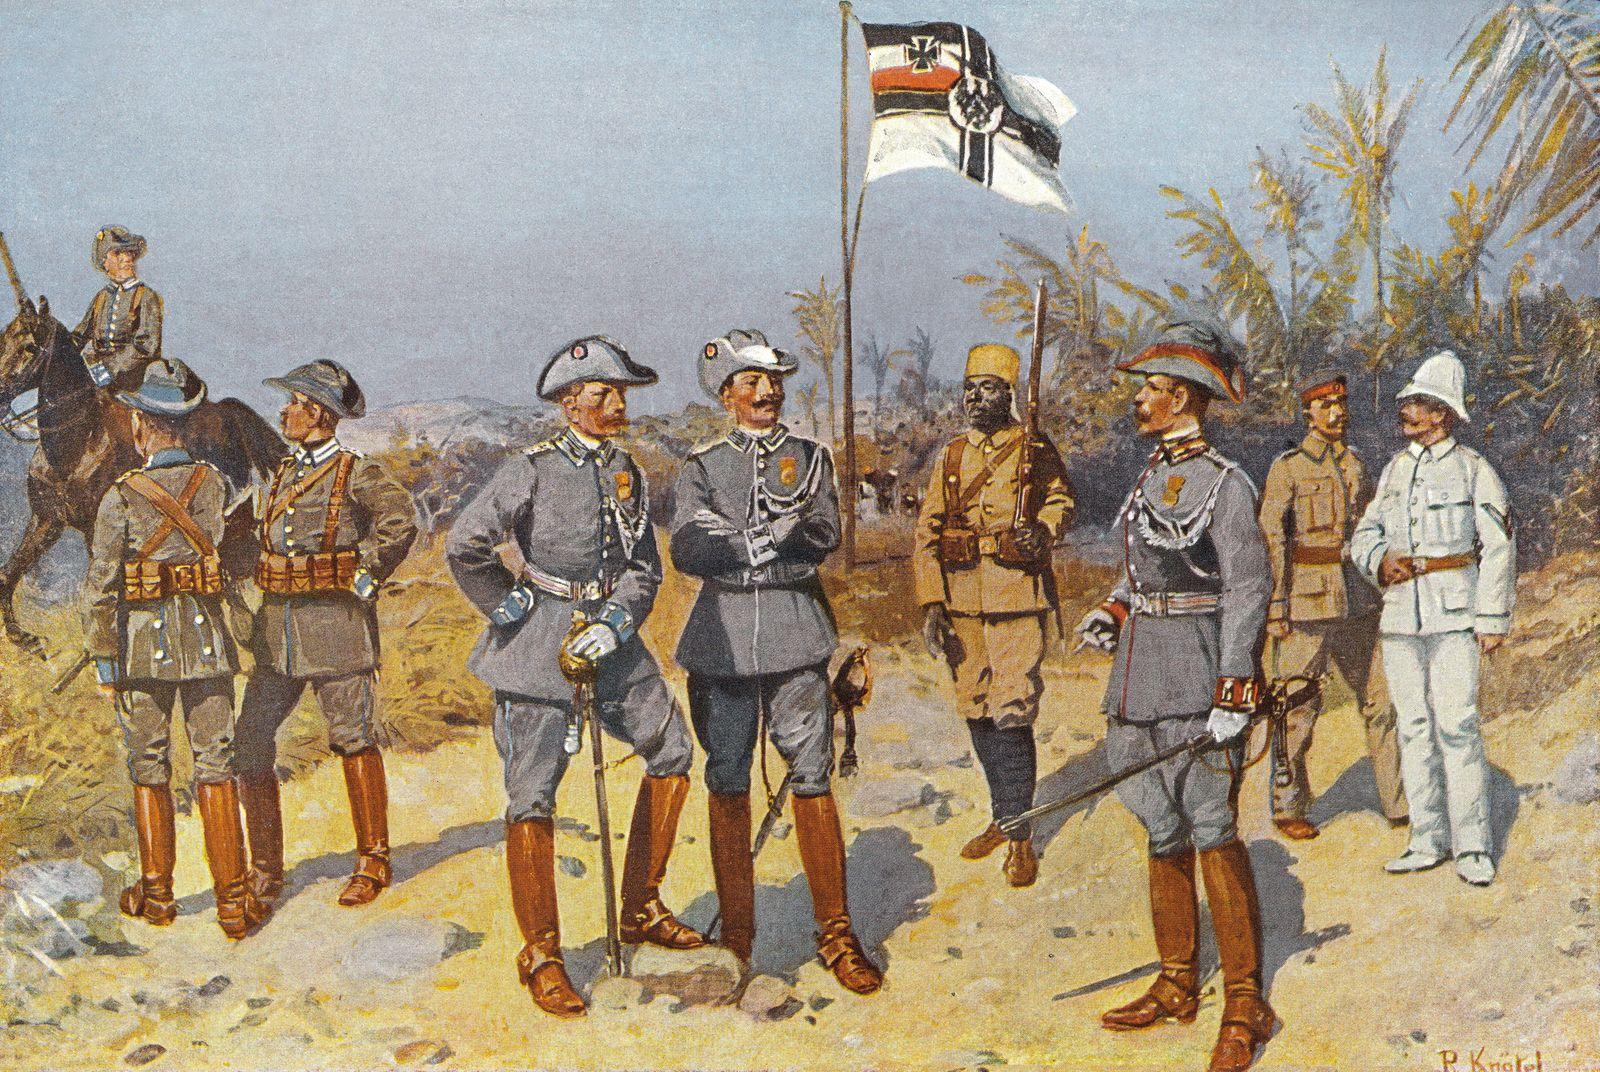 Kaiserlich deutsche Kolonialsoldaten in Deutsch Ostafrika 1894 historische Zeichnung Copyright i